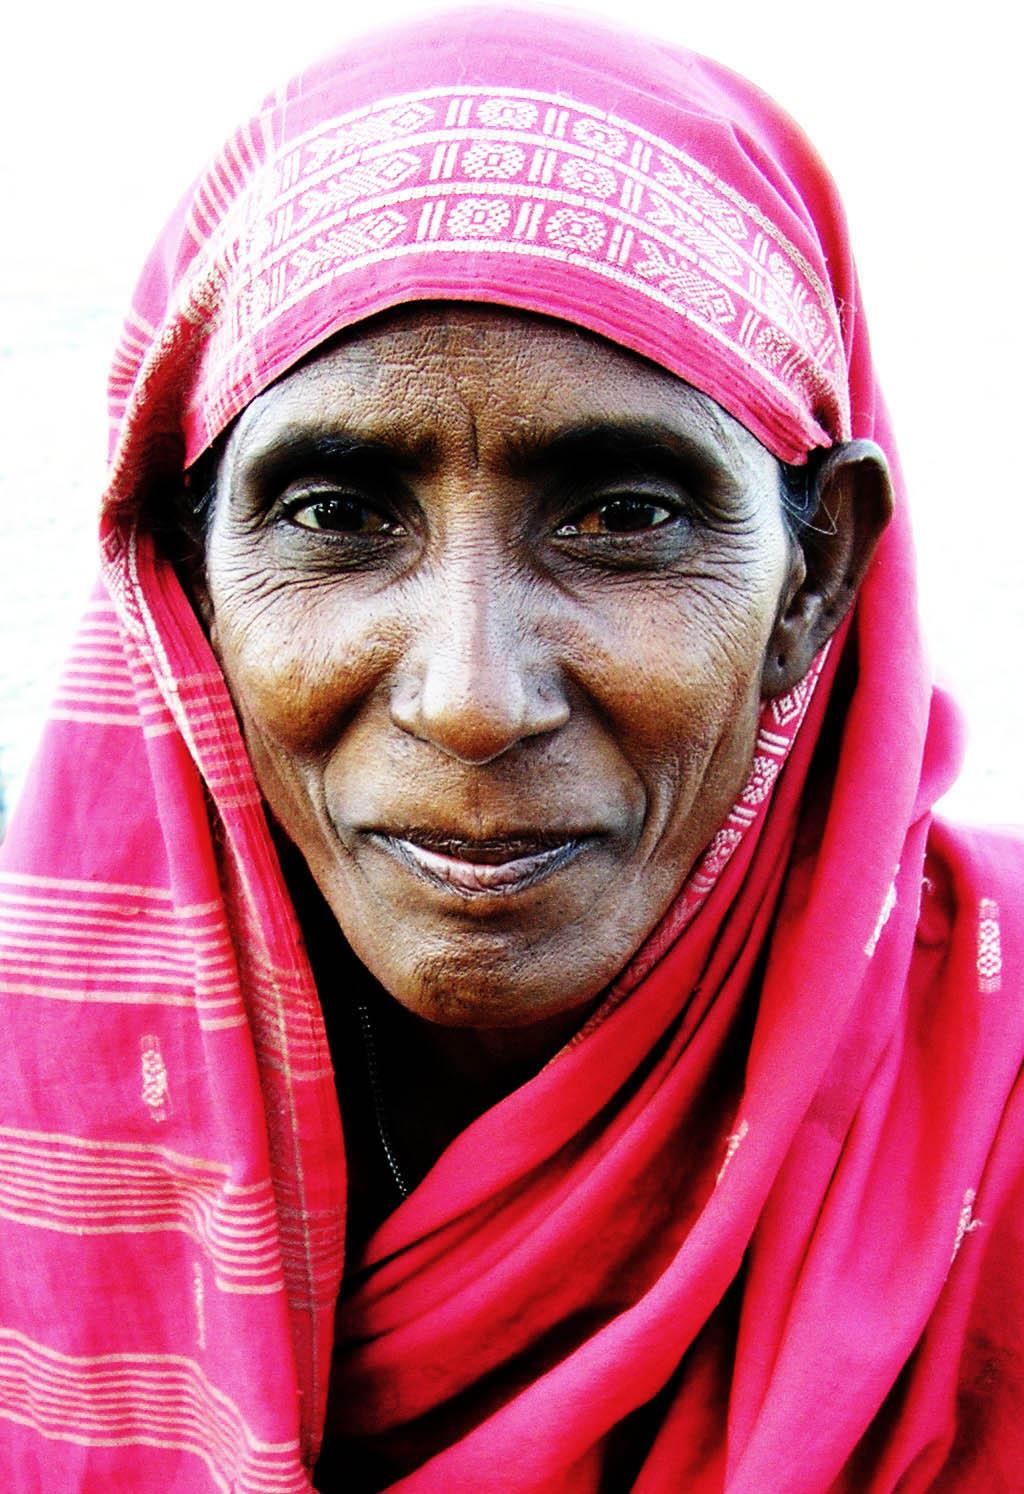 Female beggar at Haji Ali in Mumbai, wearing a...